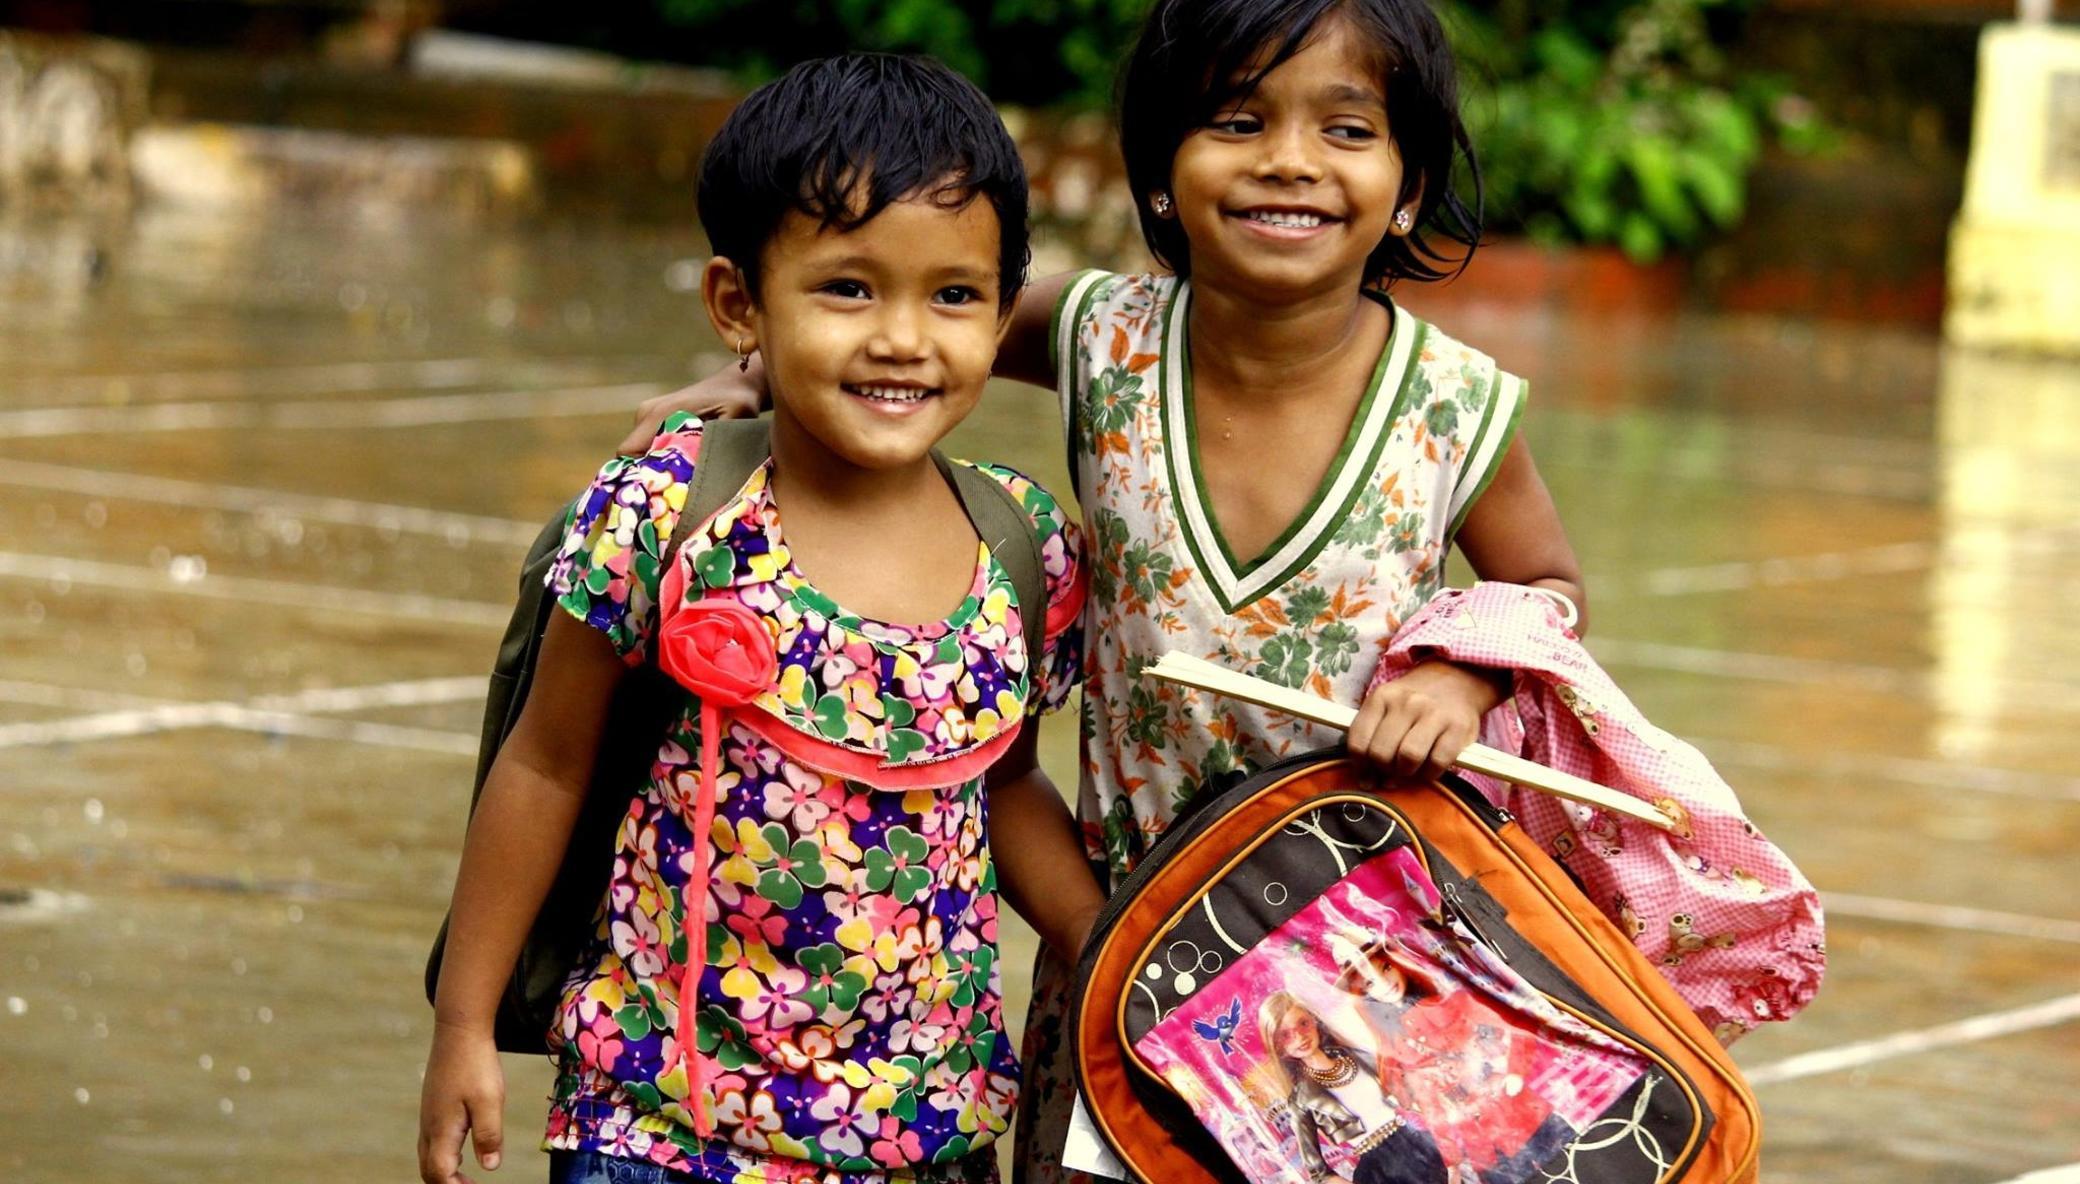 Sponsor Education of 341 Orphan Children for 1Year